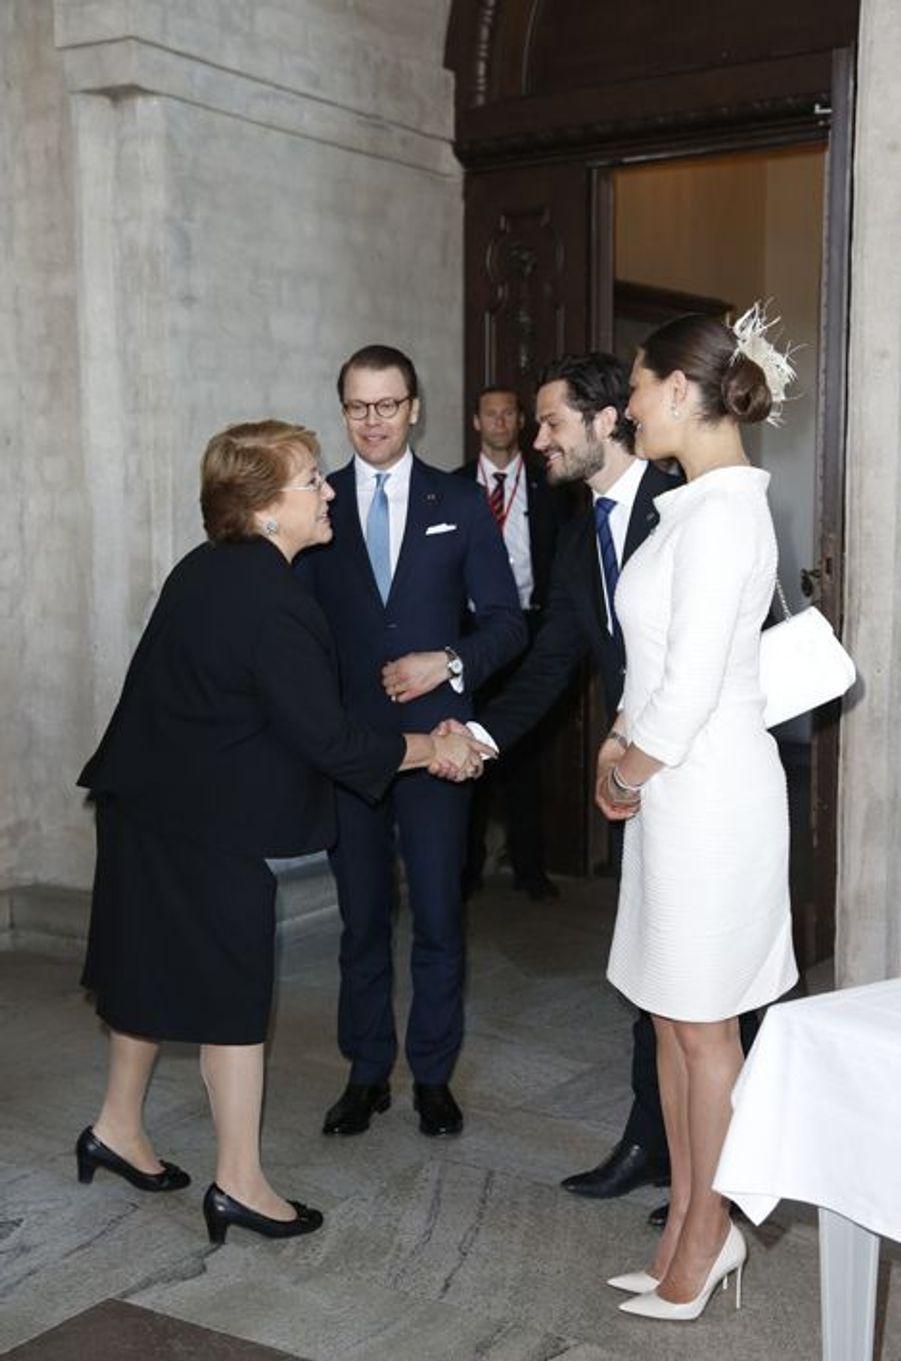 La princesse Victoria de Suède avec les princes Daniel et Carl Philip à Stockholm, le 11 mai 2016